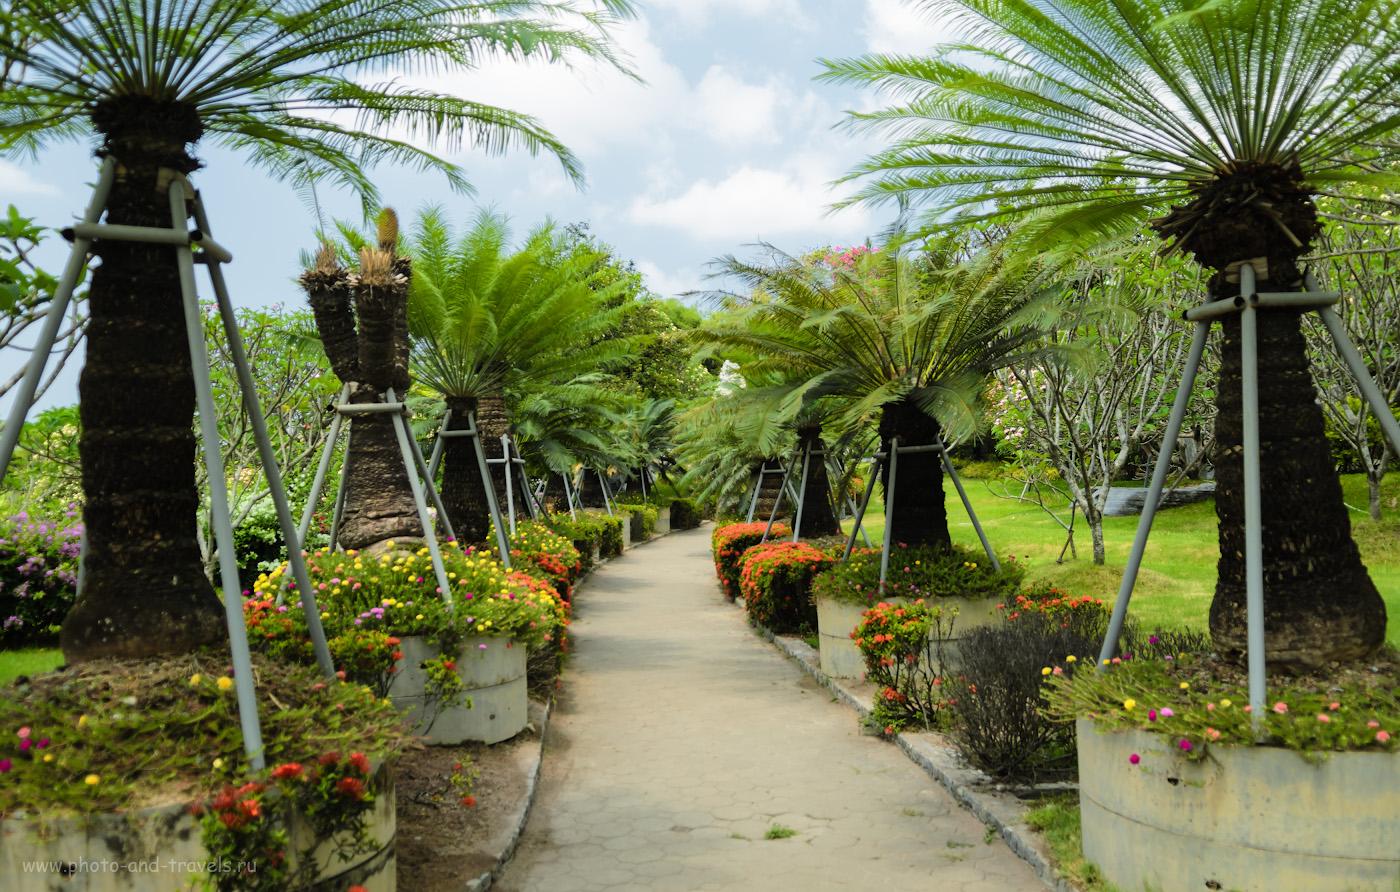 Снимок 7. Пальмовая аллея в Парке Миллионолетних Камней в Паттайе. Отзывы туристов об отдыхе в Таиланде. 1/320, 2.8, 100, 19.